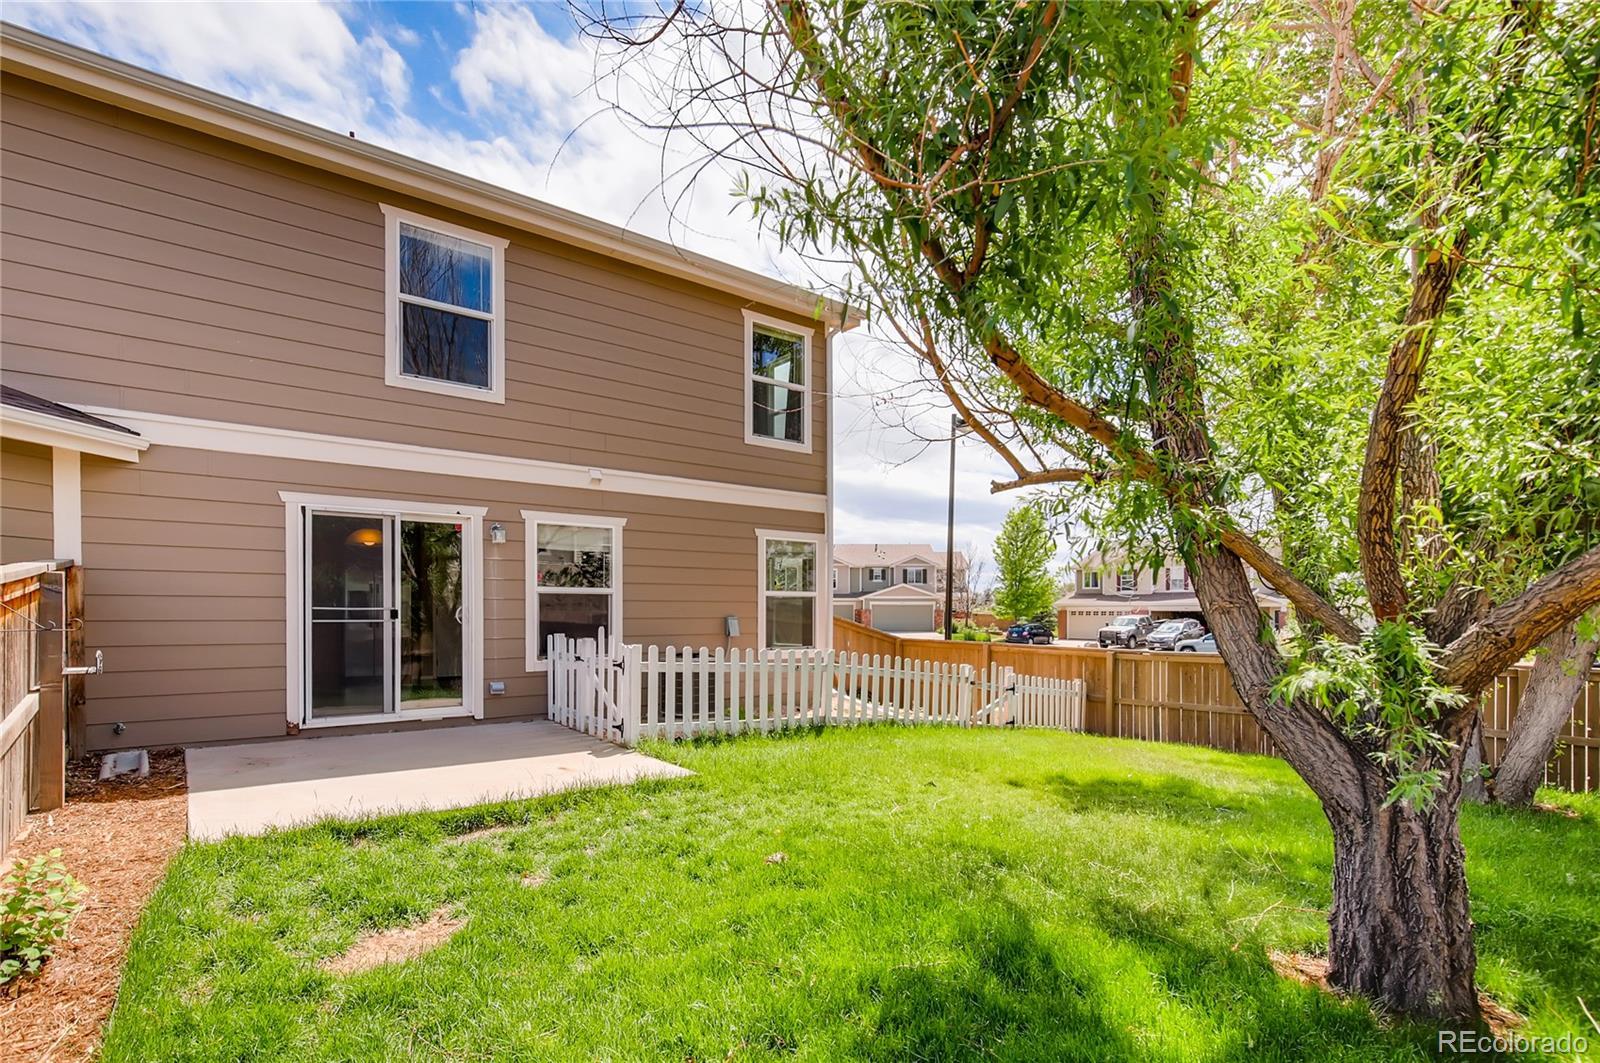 MLS# 6875065 - 26 - 5933 Turnstone Place, Castle Rock, CO 80104